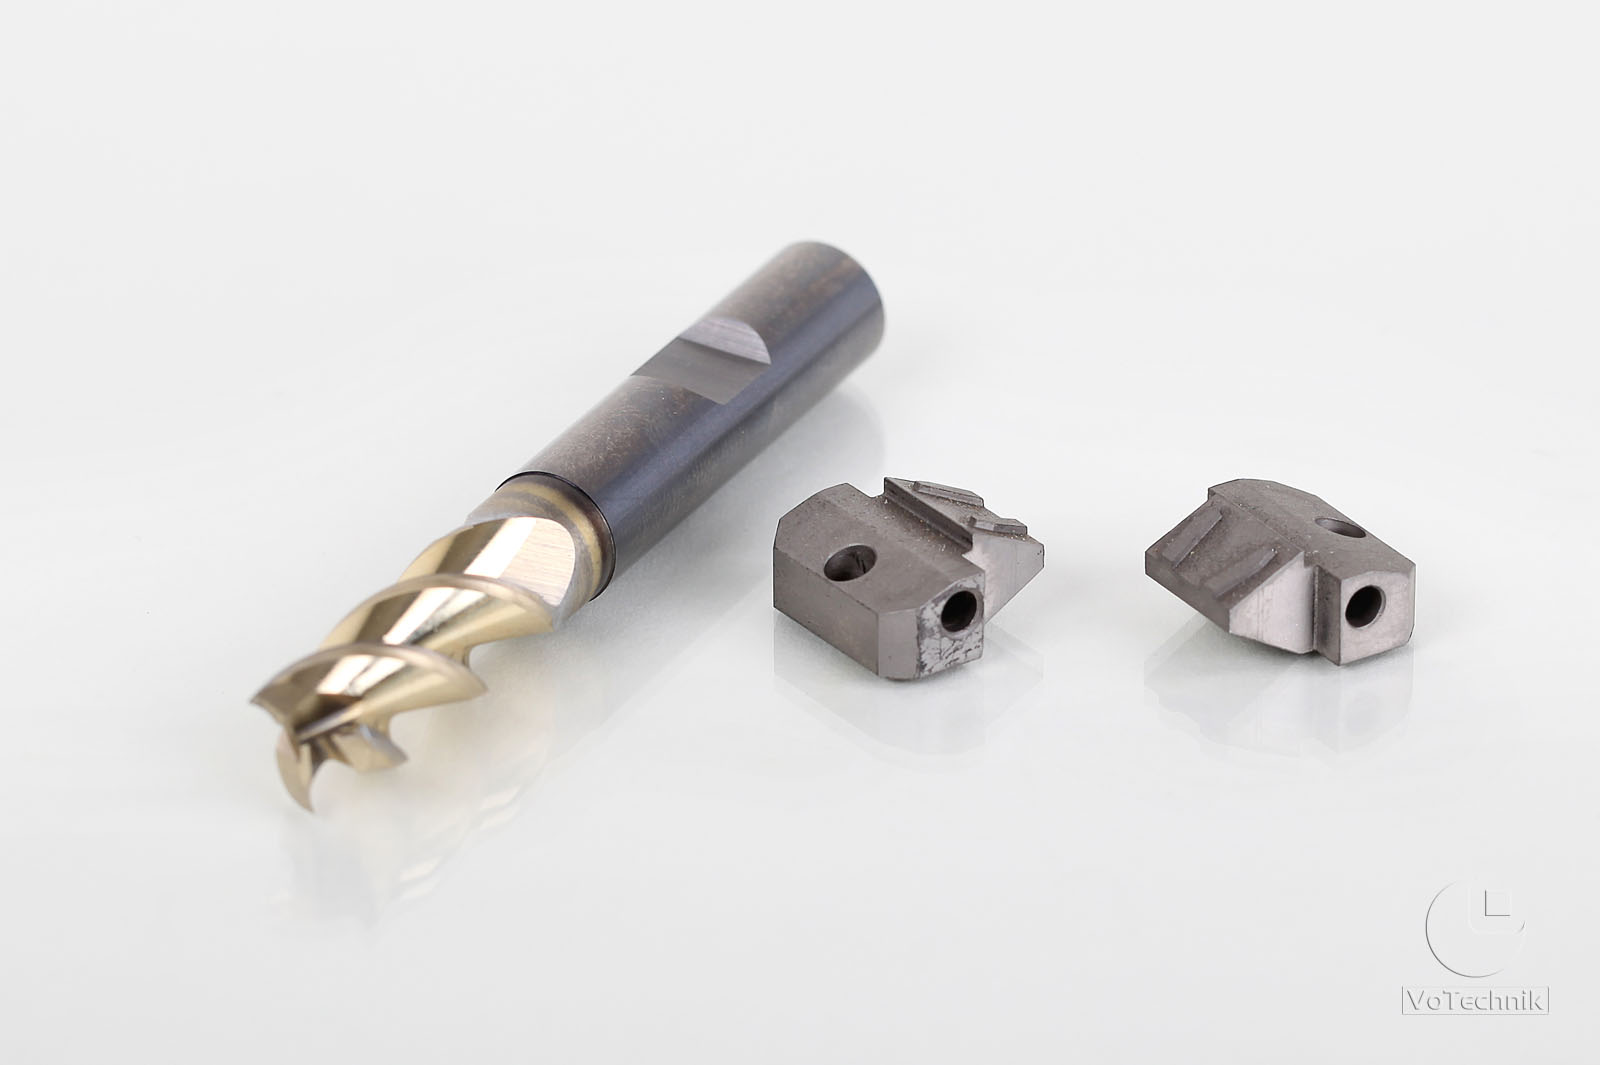 CNC Frästeile aus Stahl